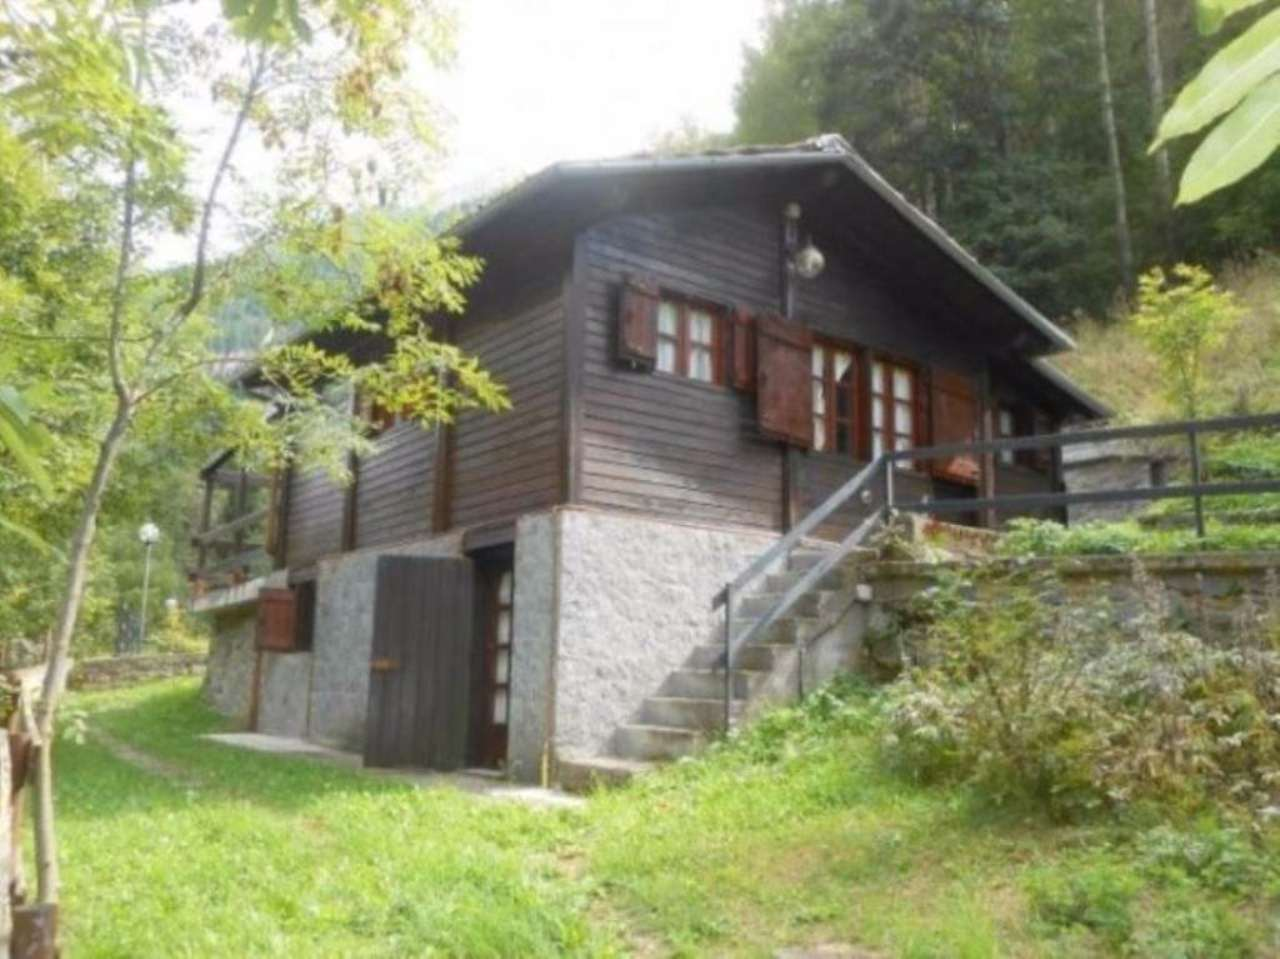 Rustico / Casale in vendita a Cogne, 3 locali, prezzo € 165.000 | Cambio Casa.it